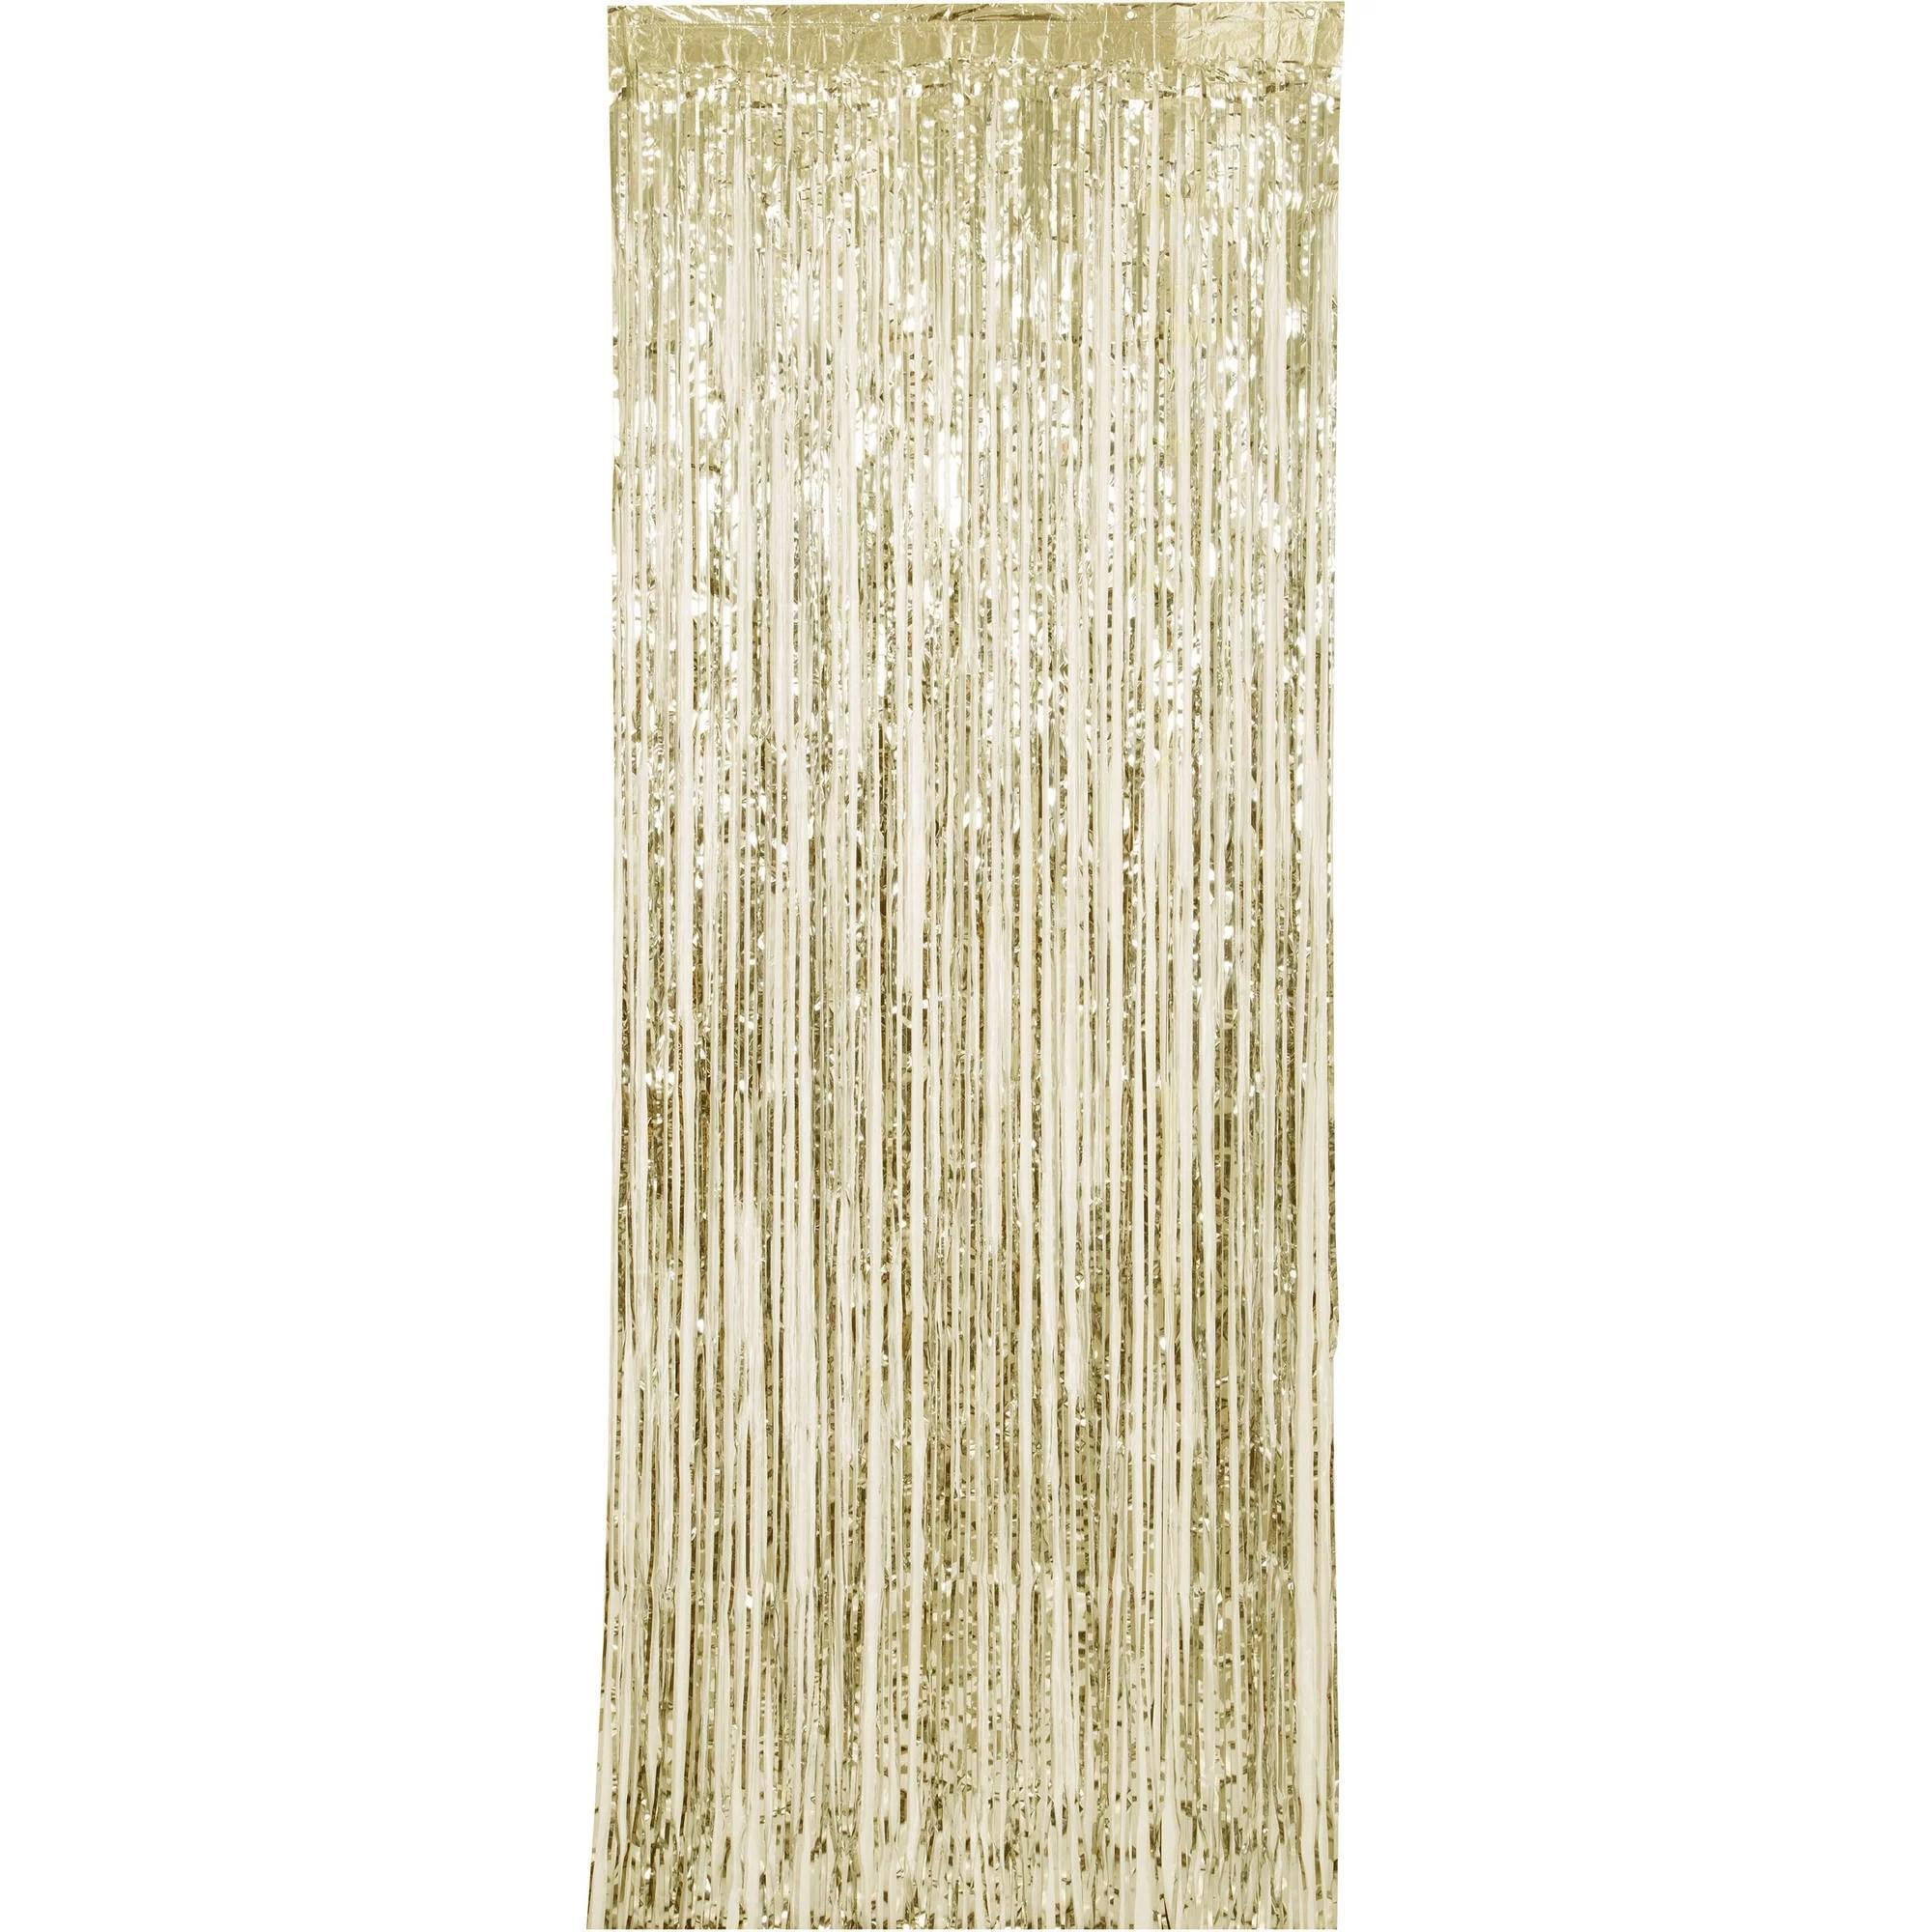 metallic gold foil fringe party door curtain 3ft x 8ft 1ct walmart com